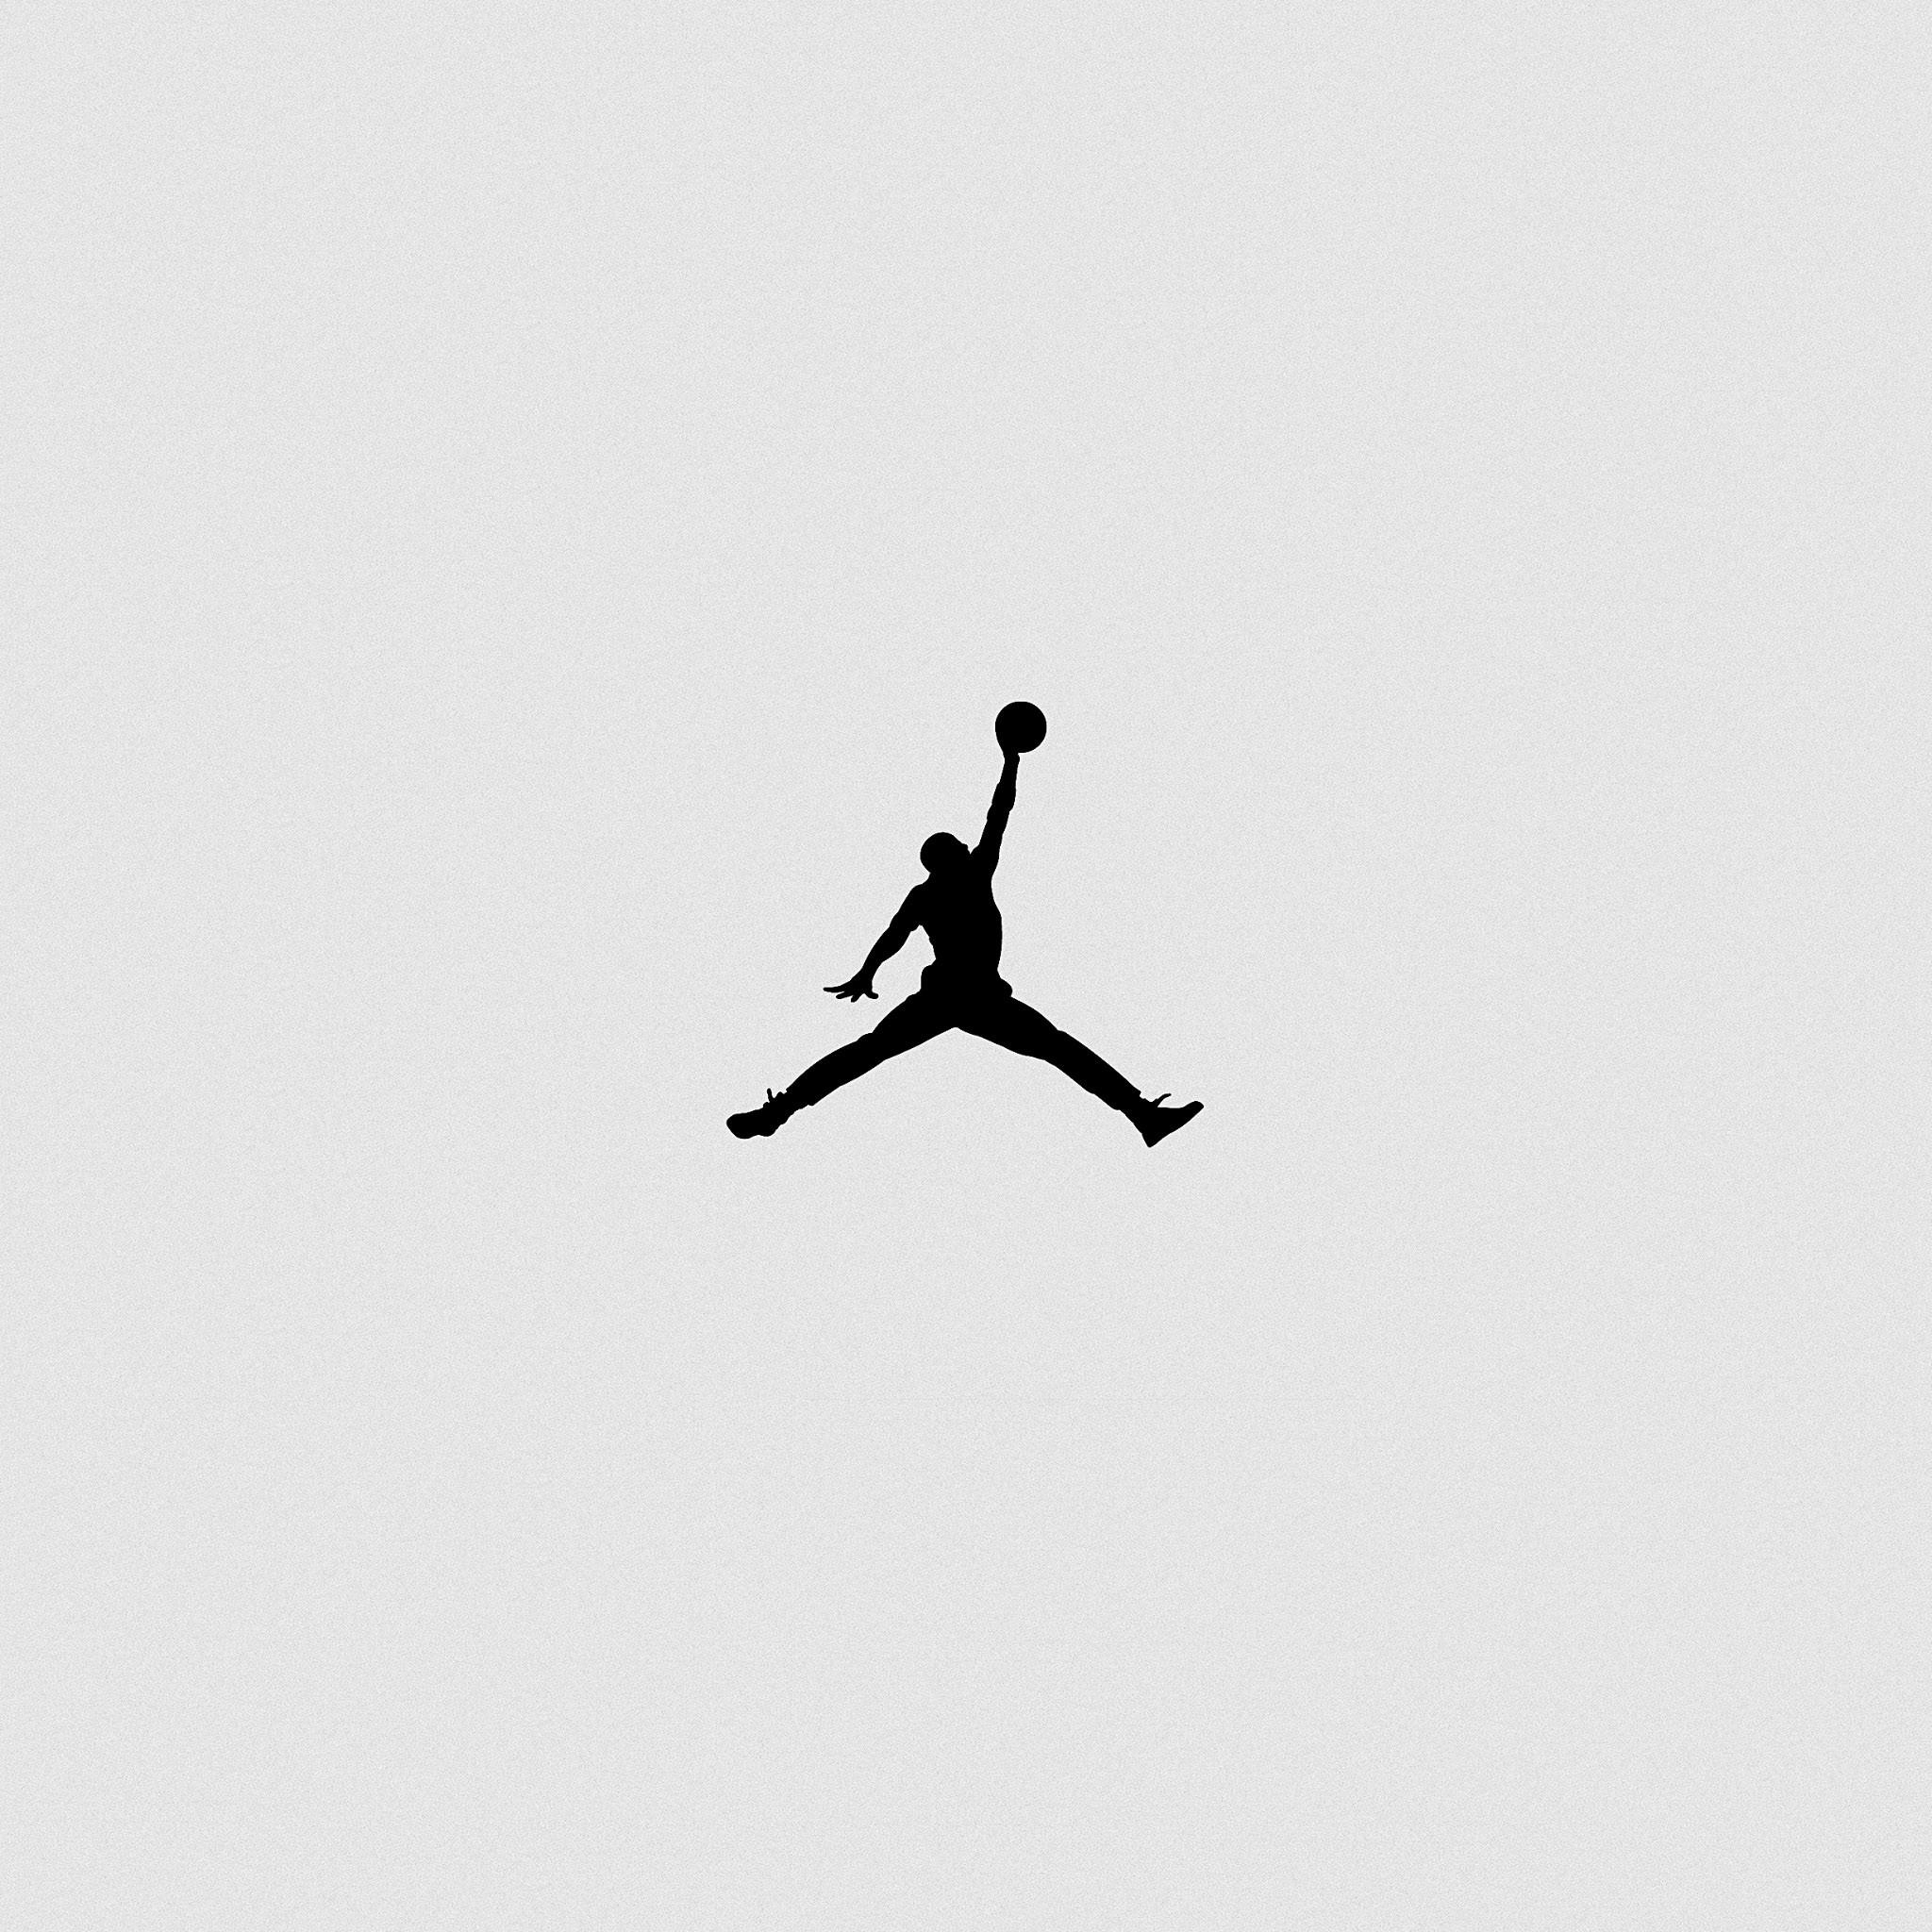 Air Jordan Shoes Wallpaper 1